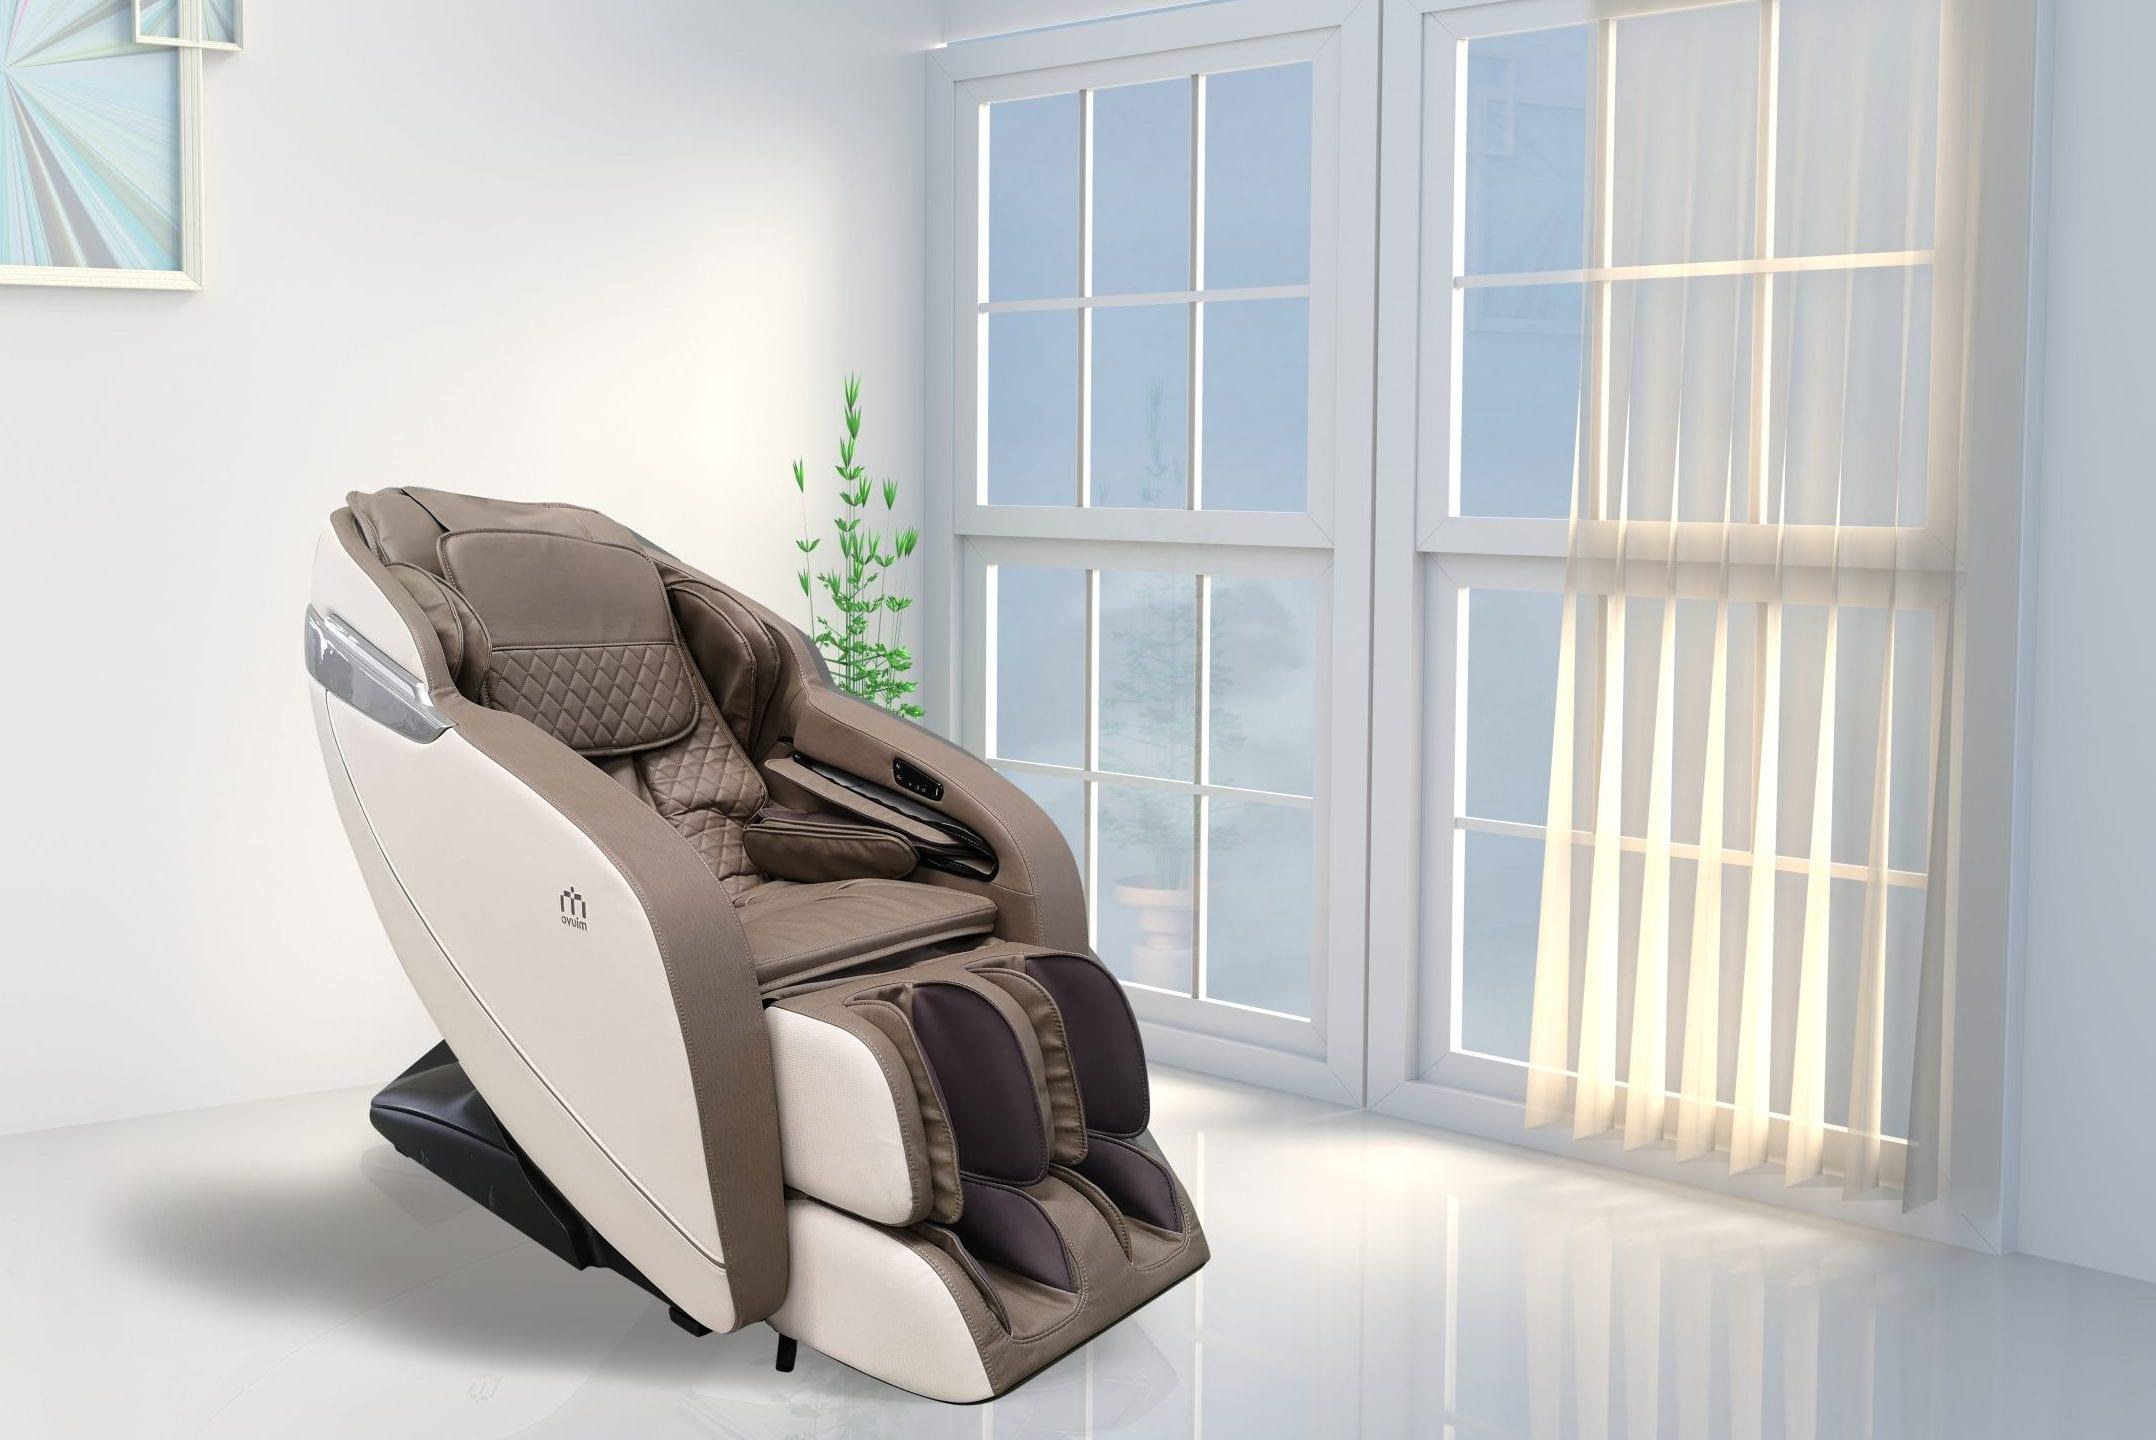 Avoid Direct sun exposure on massage chair